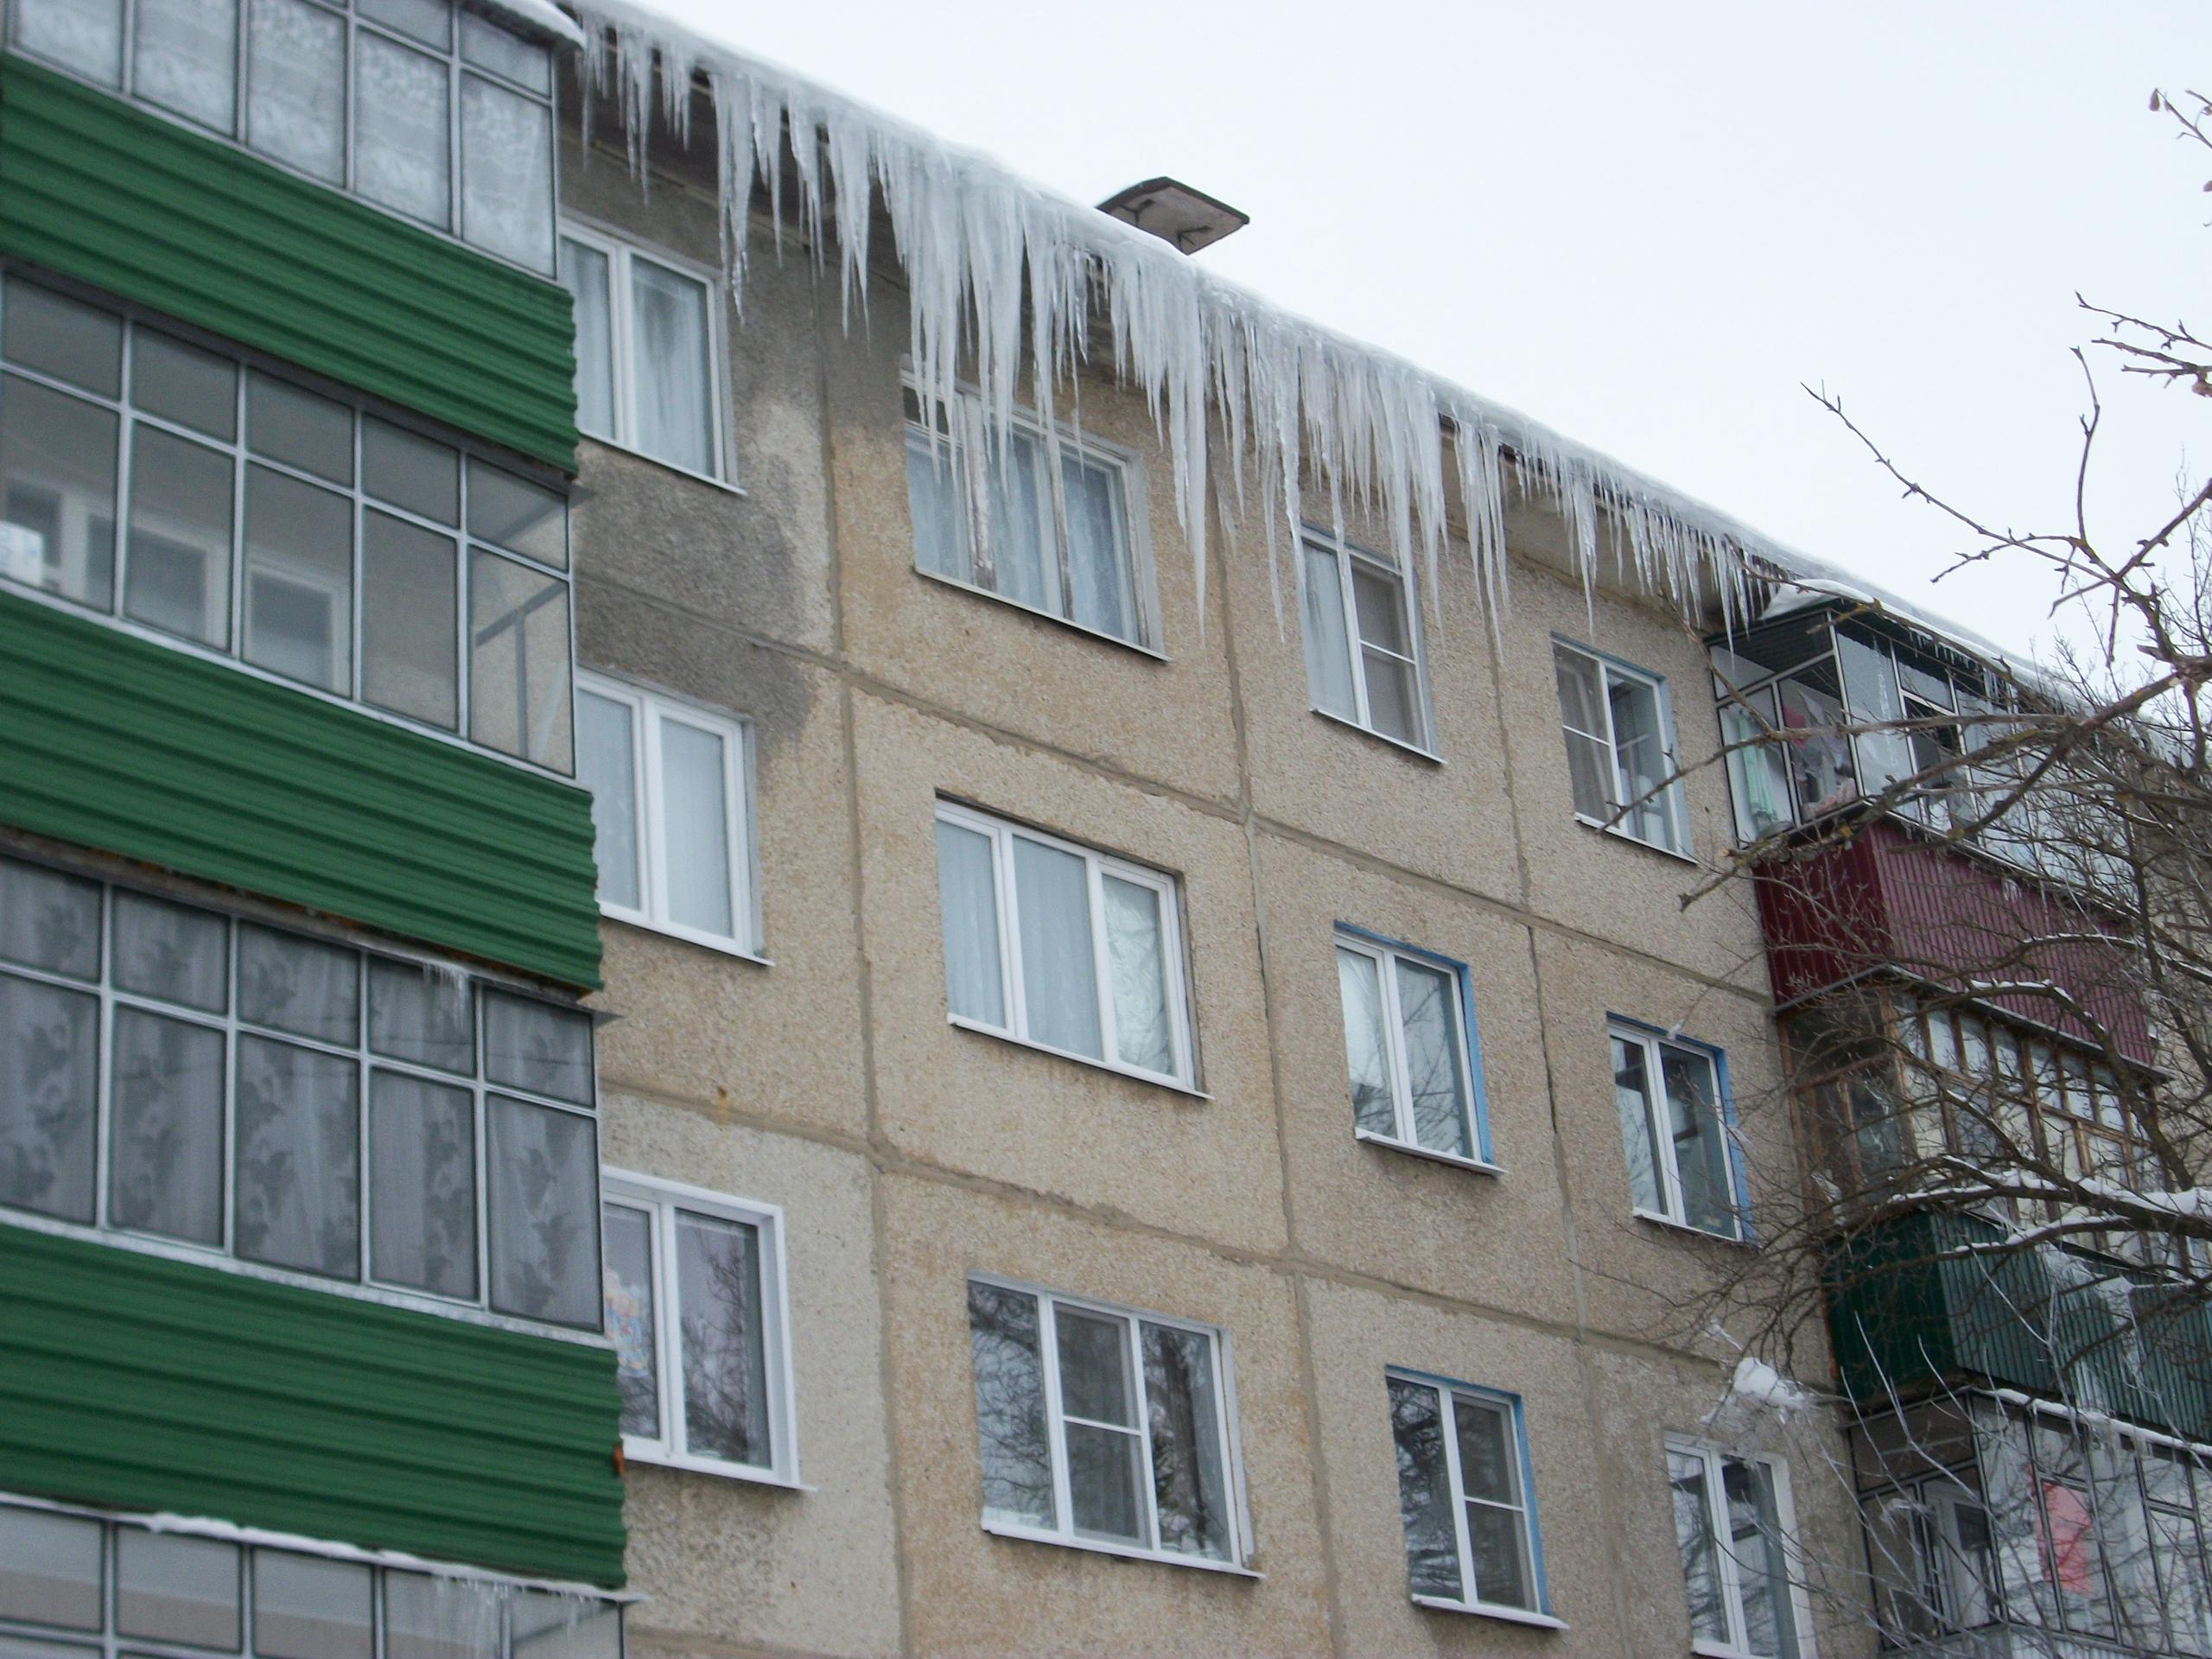 Когда будут убирать сосульки с крыш домов по улицам Ленина, Мичурина 9, Спортивный переулок.